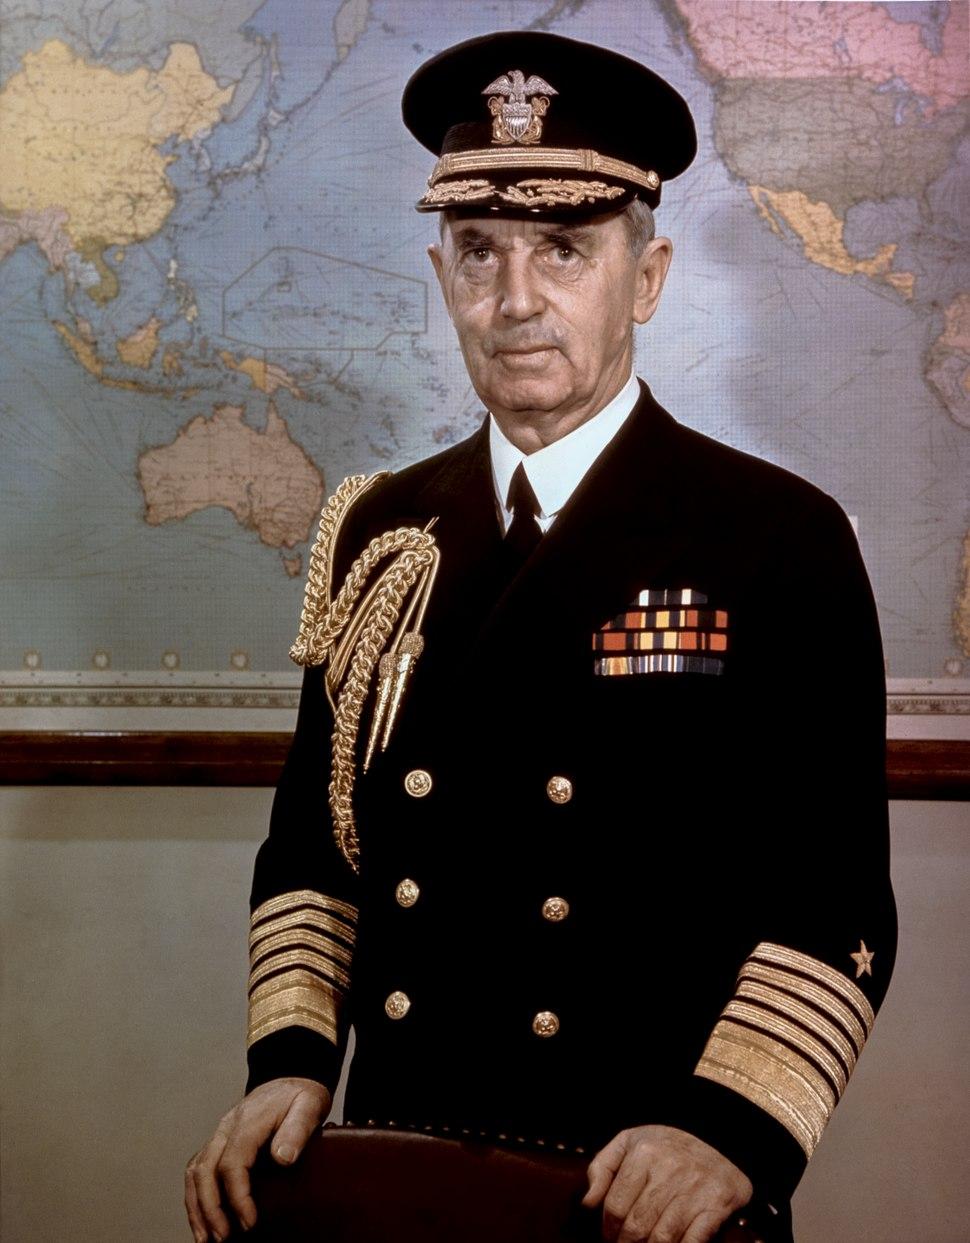 Fleet Admiral Leahy